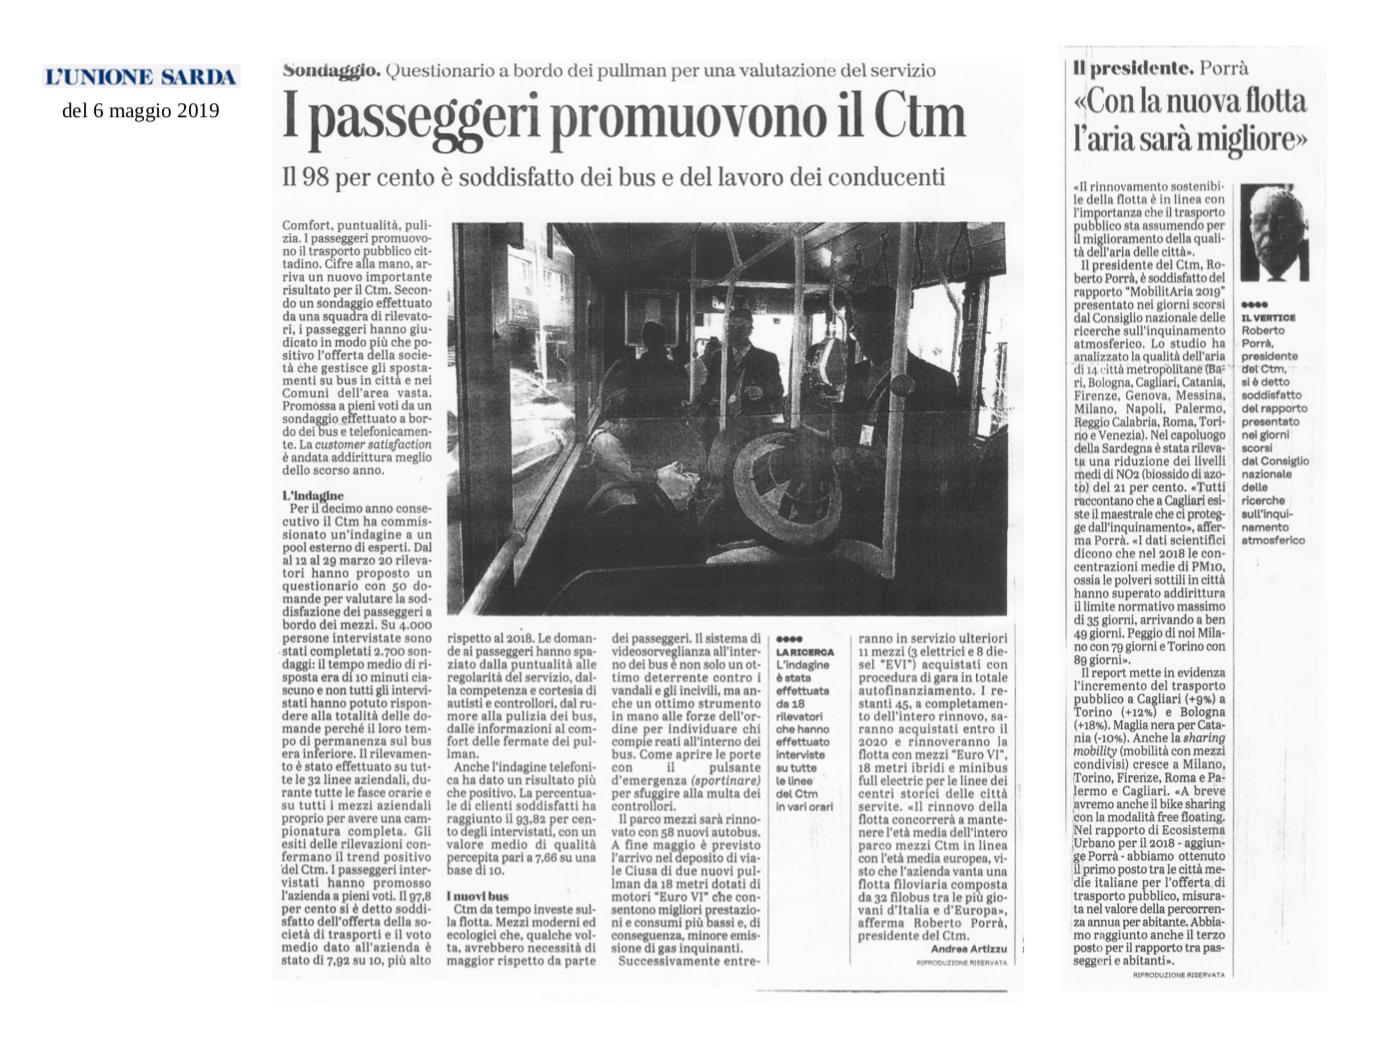 Articolo su soddisfazione utenti CTM L'Unione Sarda 06/05/2019